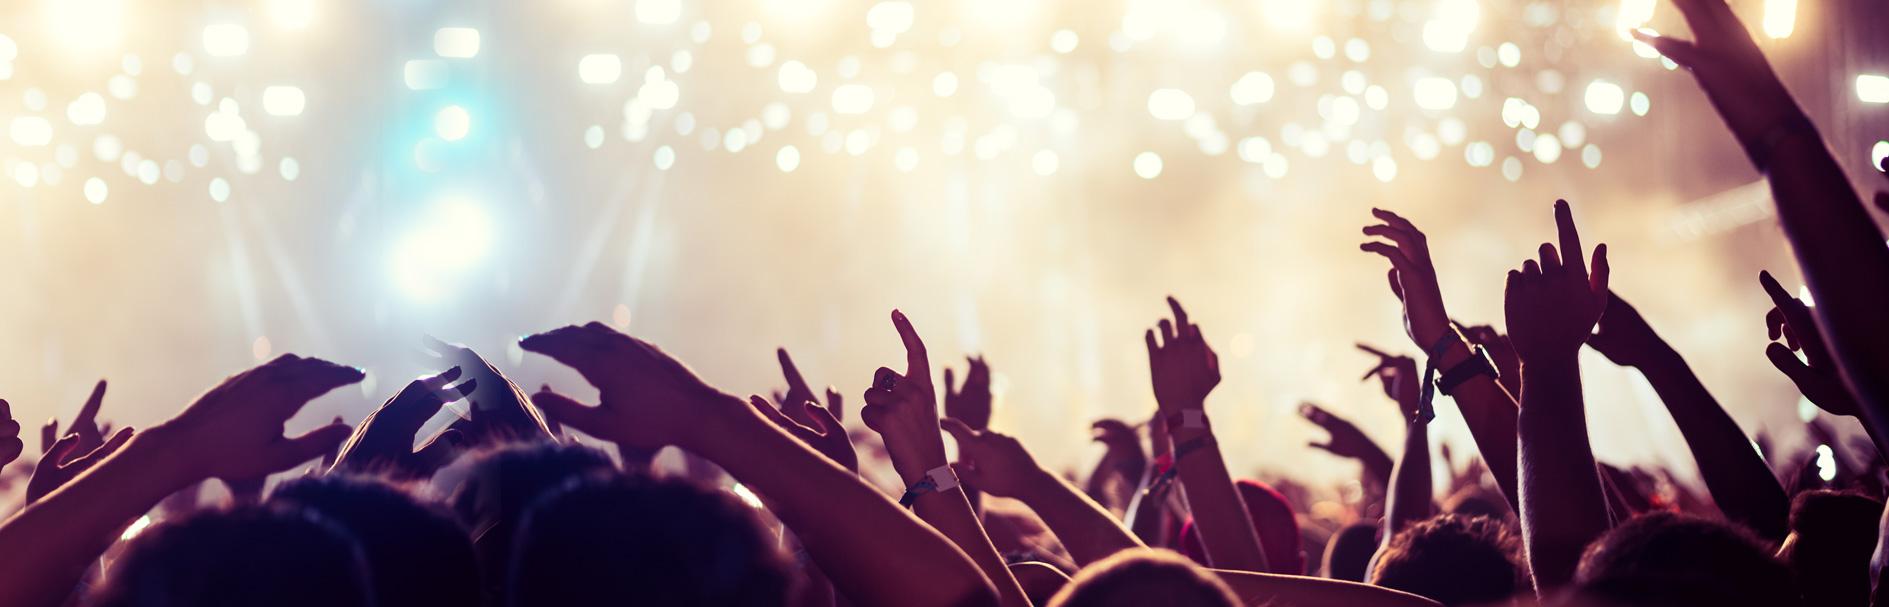 https://www.goldcoasttransportation.com/wp-content/uploads/2019/07/concerts.jpg